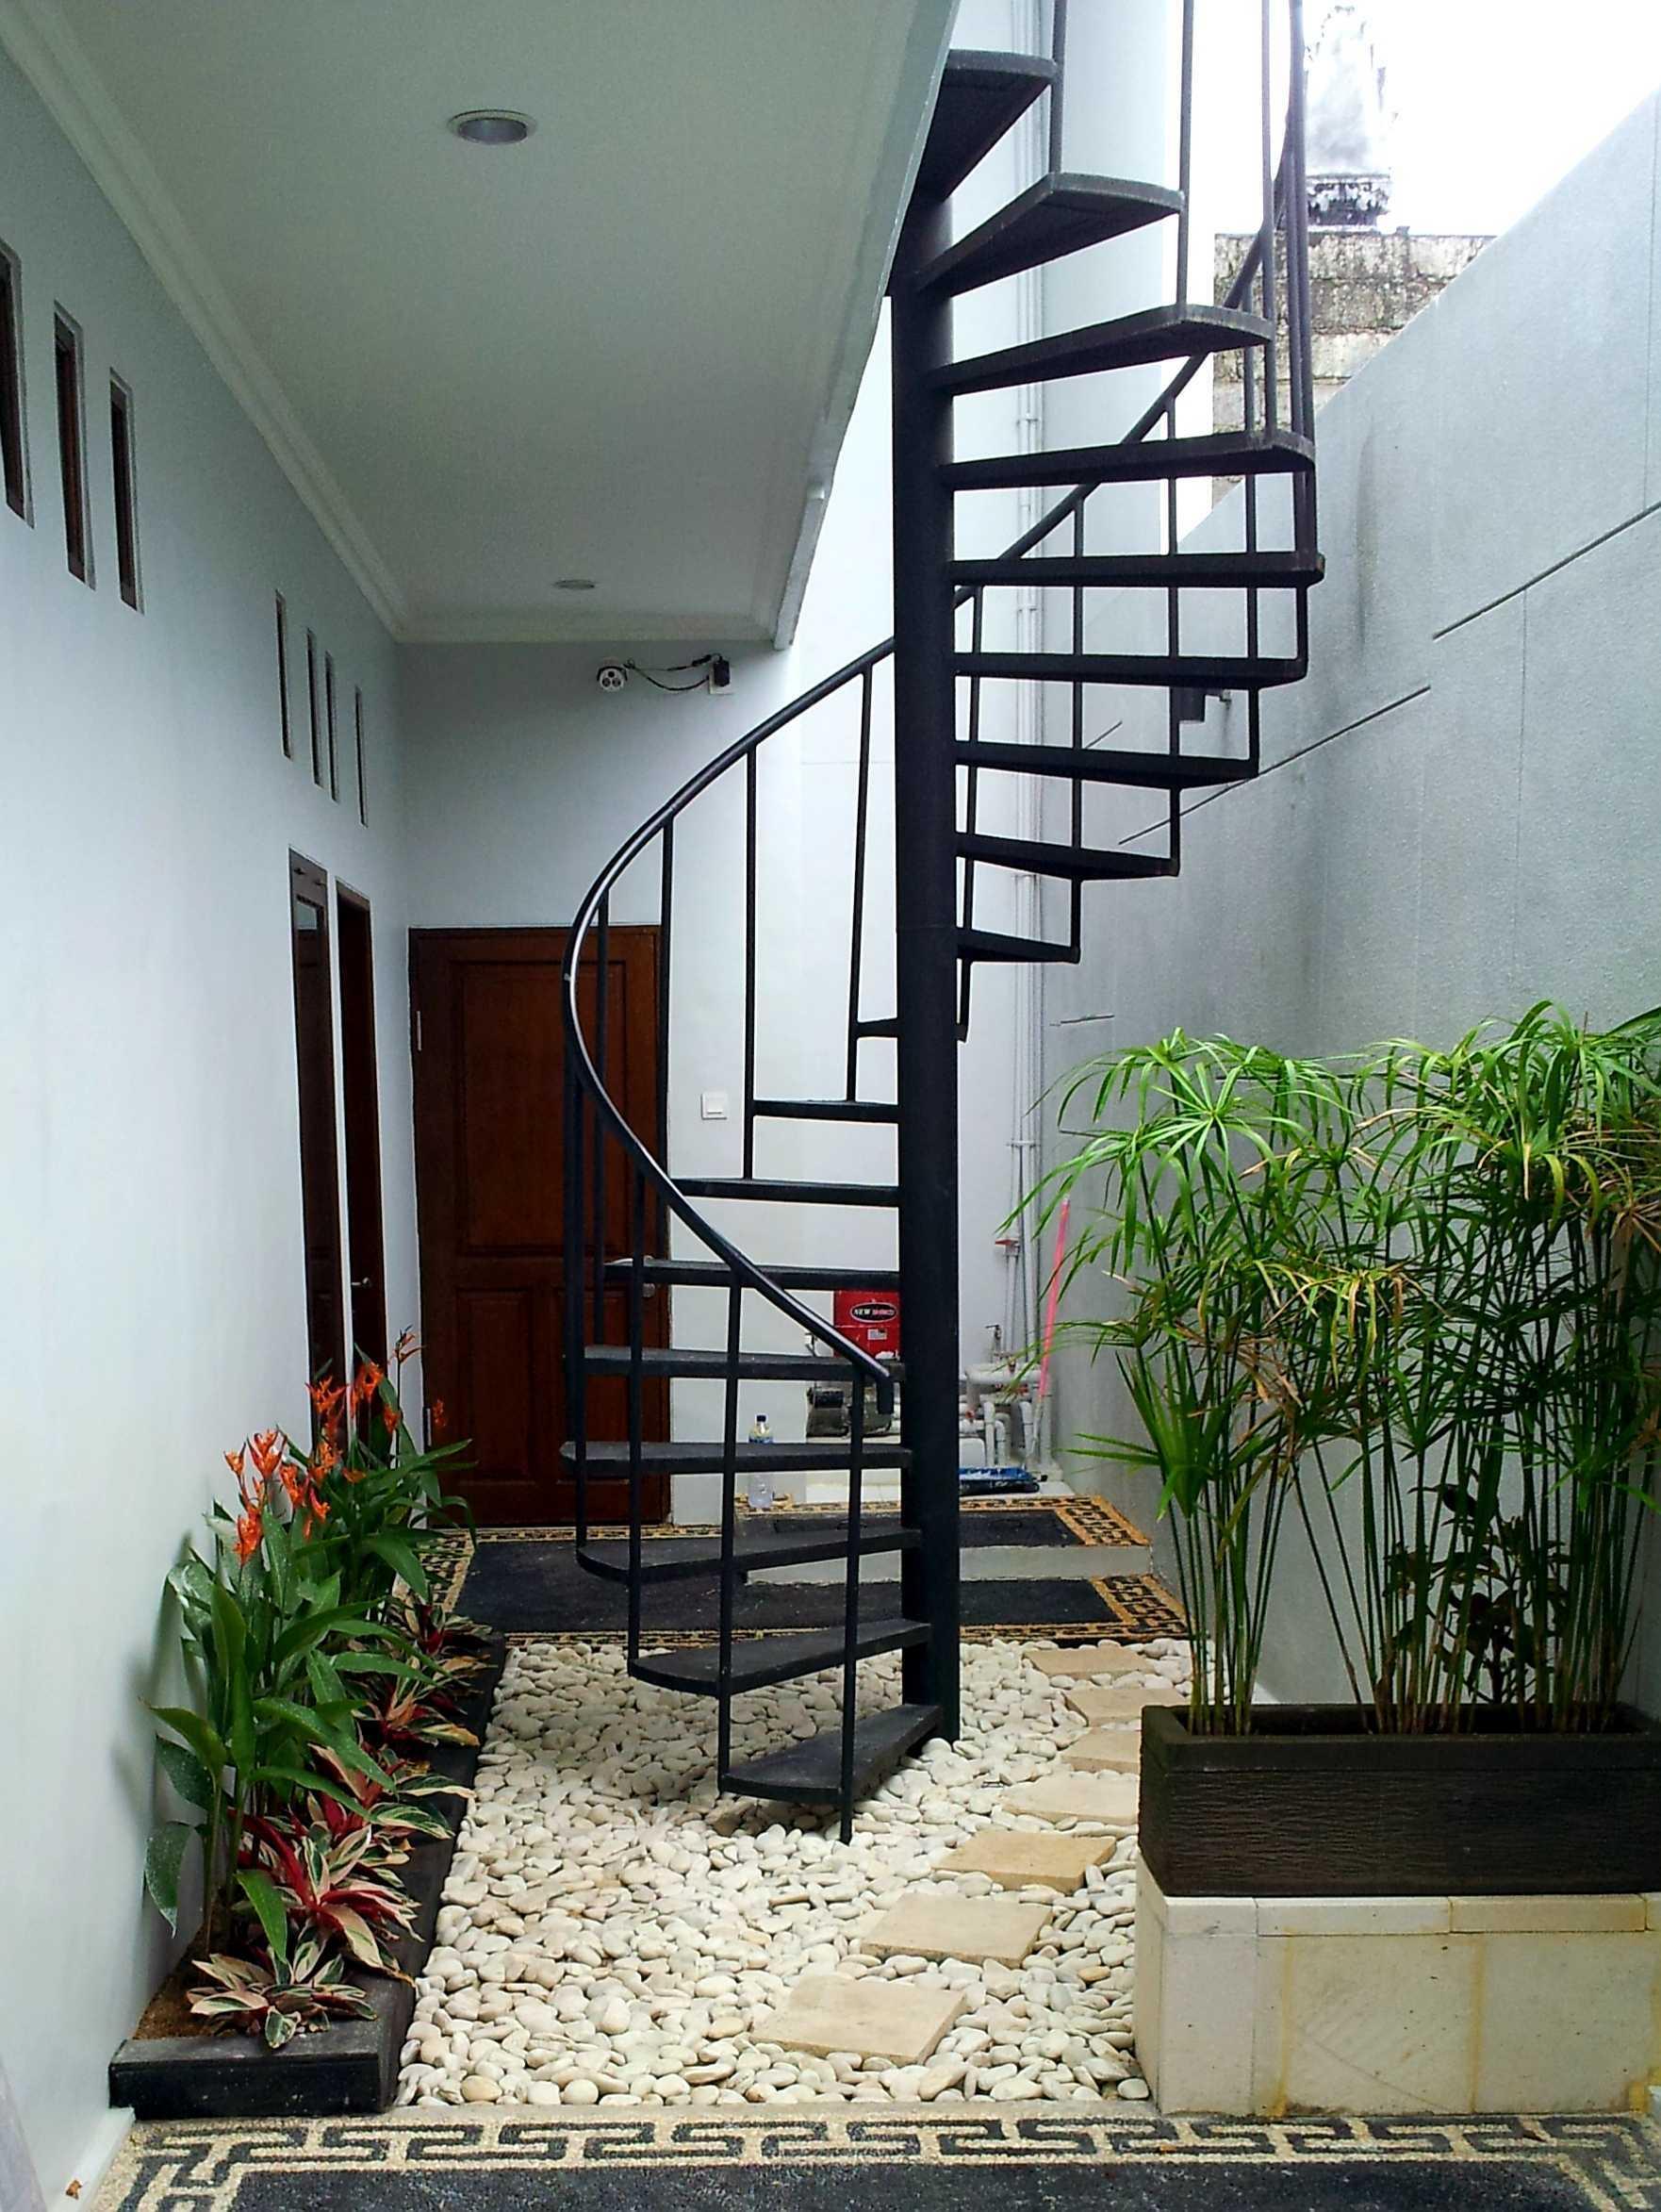 Pradhana Pande Pidada Jalan Sanitasi, Denpasar - Bali Jalan Sanitasi, Denpasar - Bali 20171017113800   41669